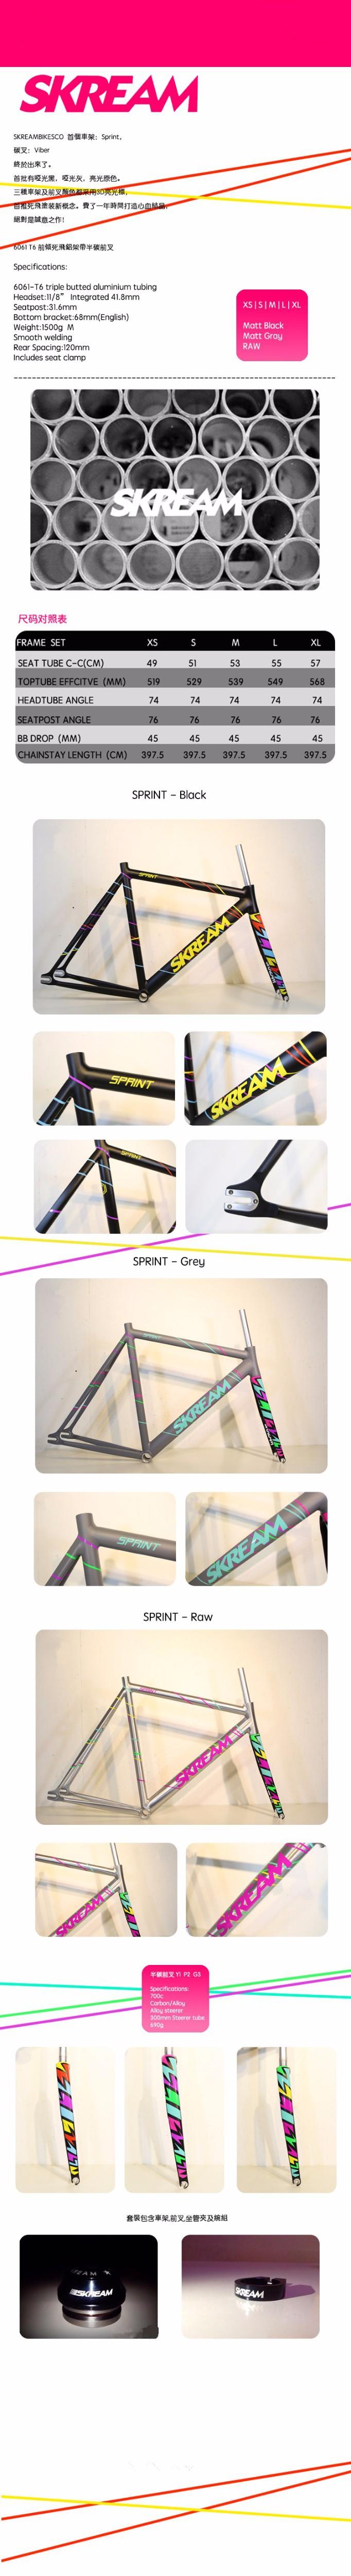 HK Skream Bike Frame, Fixed Gear Bike Frame.Racing Bike, Track Bike ...